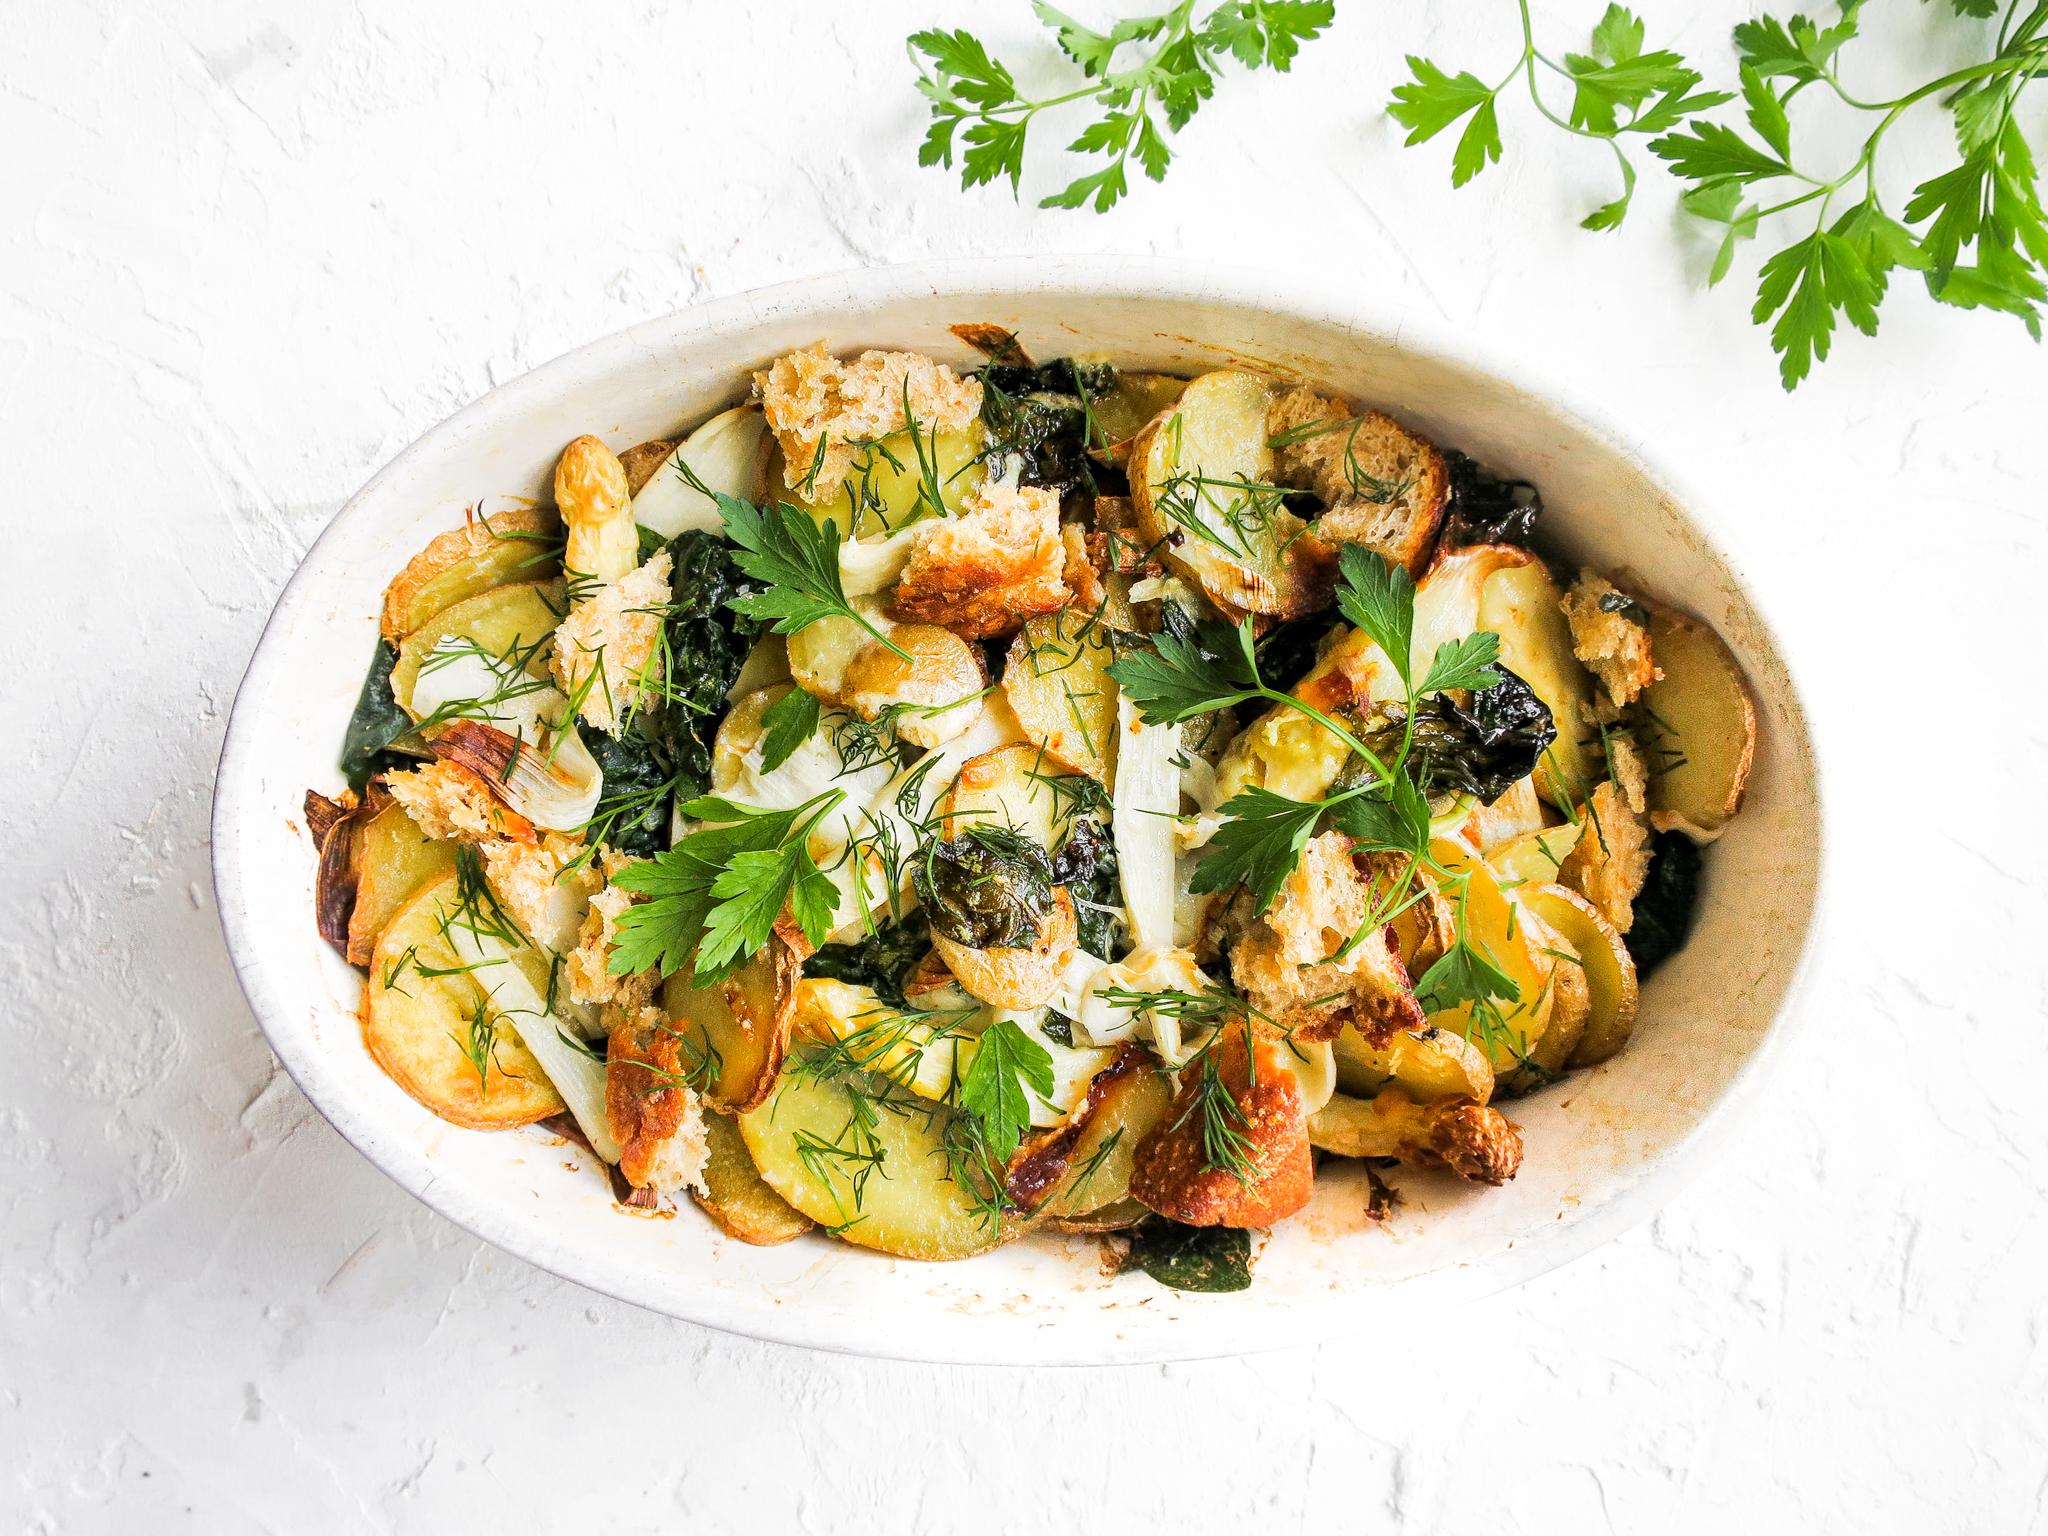 Wat eten we vandaag? Lente-gratin met witte asperges, spinazie en aard